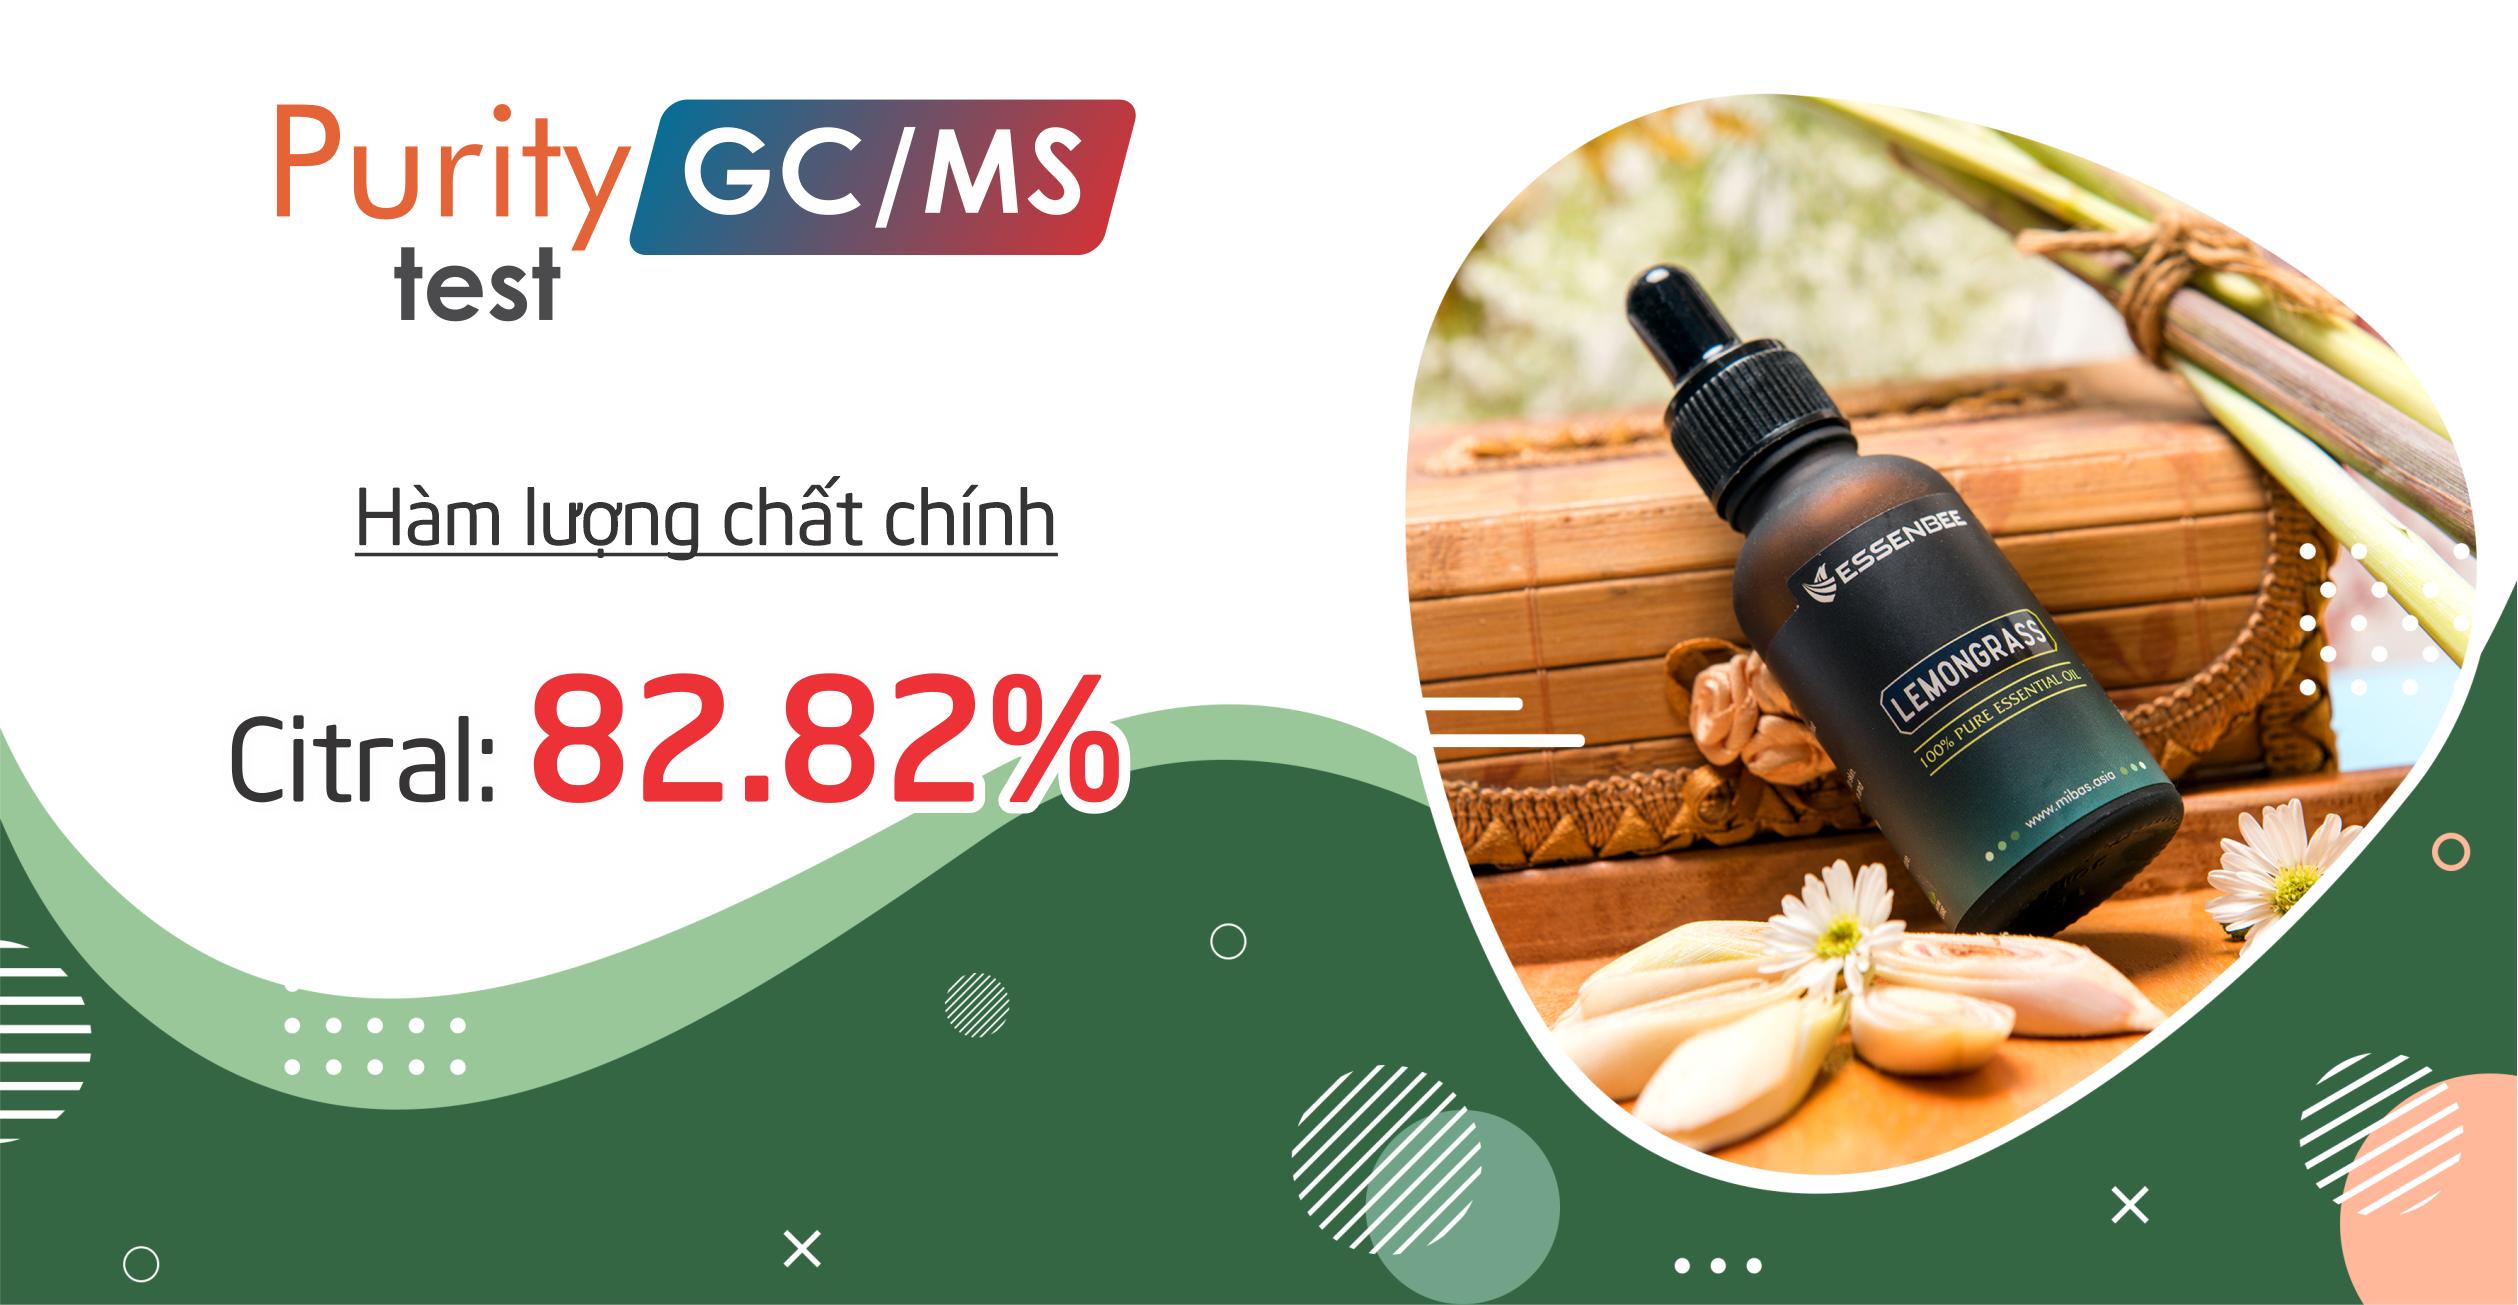 Tinh dầu thiên nhiên Sả Chanh - Essenbee - 30ml - Giúp thư giãn tinh thần, giảm stress, xua đuổi côn trùng và muỗi, an toàn cho trẻ em